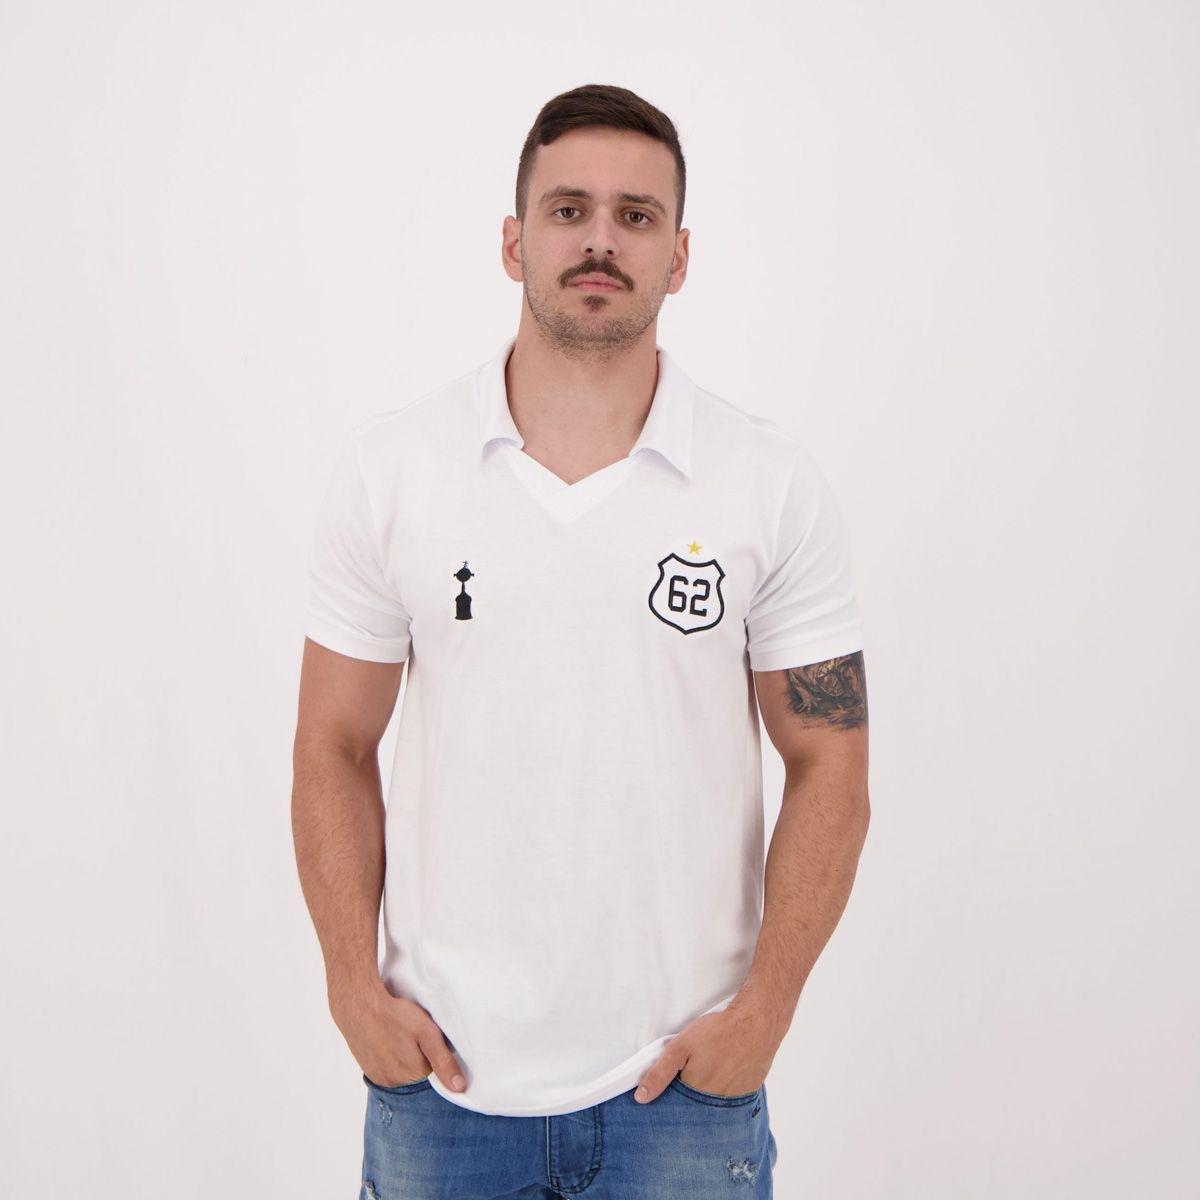 123461976a Camisa Retrômania Santos 1962 Masculina - Branco - Compre Agora ...